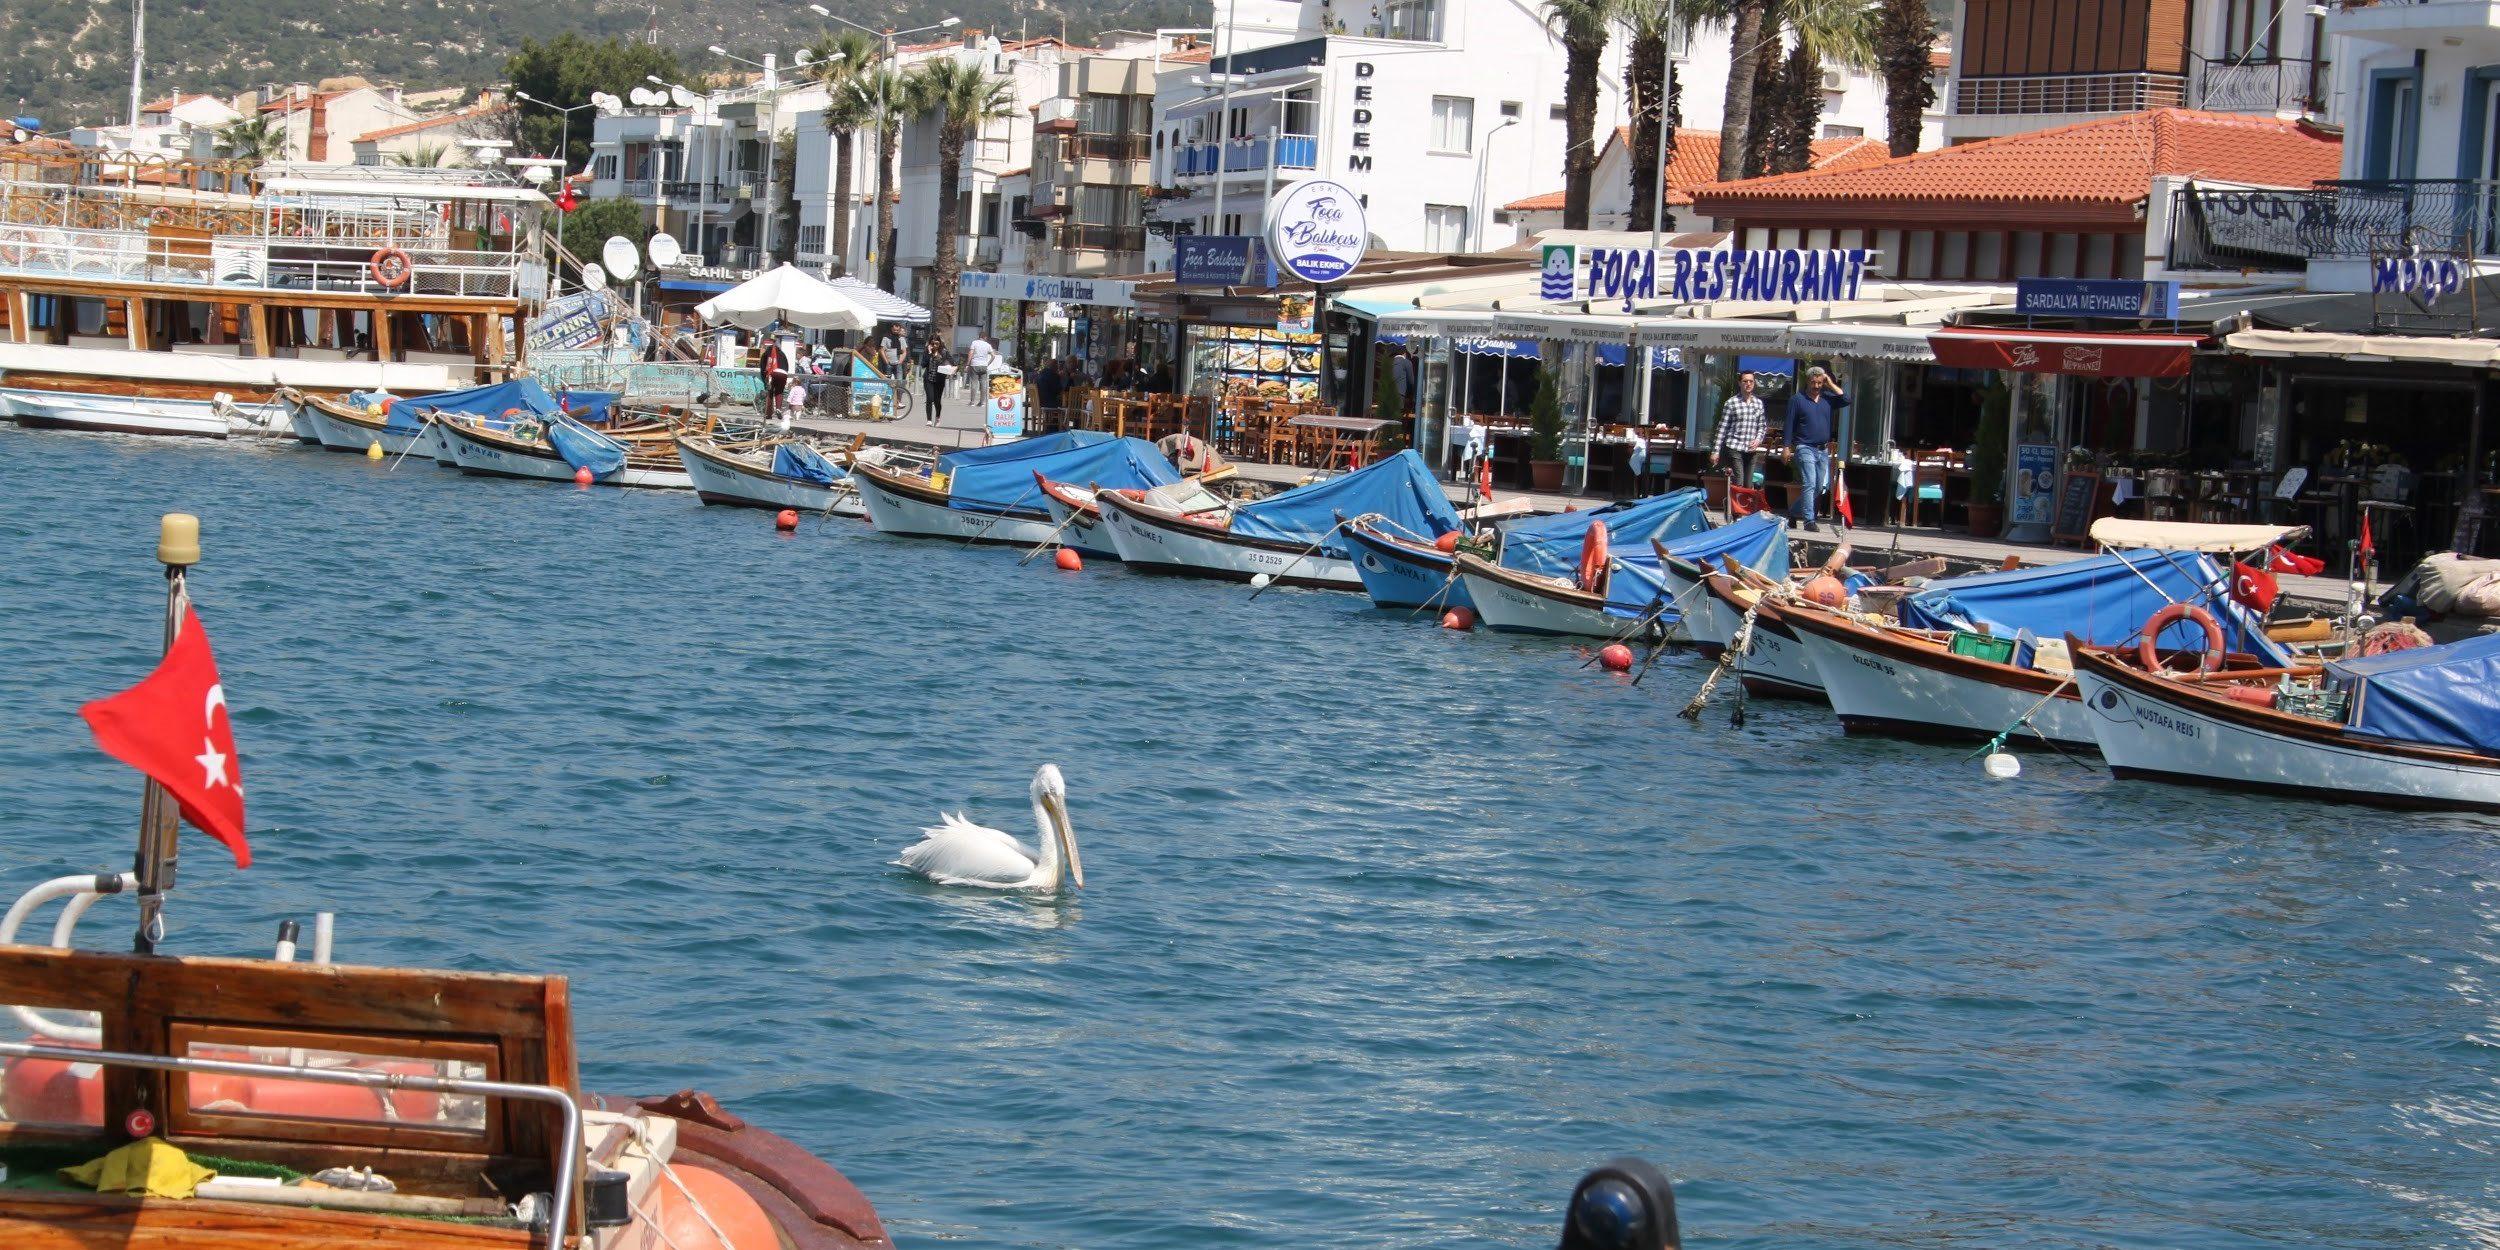 İzmir Foça Sahili Hakkında